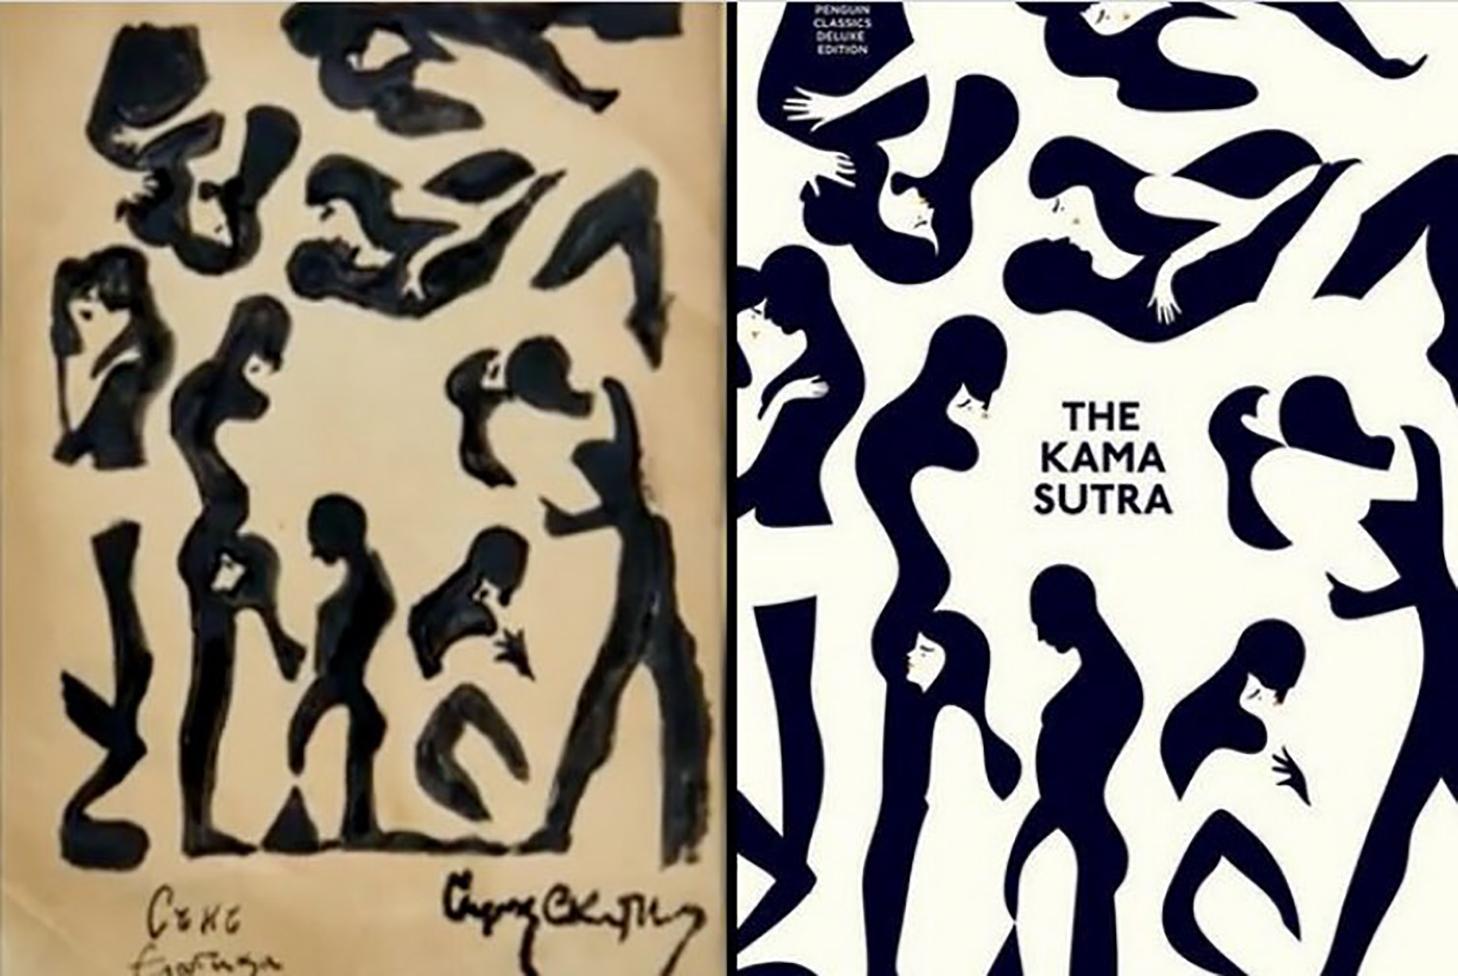 À gauche, la gravure attribuée (selon le catalogue de l'exposition) au peintre Sirak Skitnik (mort en 1943). À droite, l'illustration de Malika Favre pour l'édition Penguin du Kama Sutra.